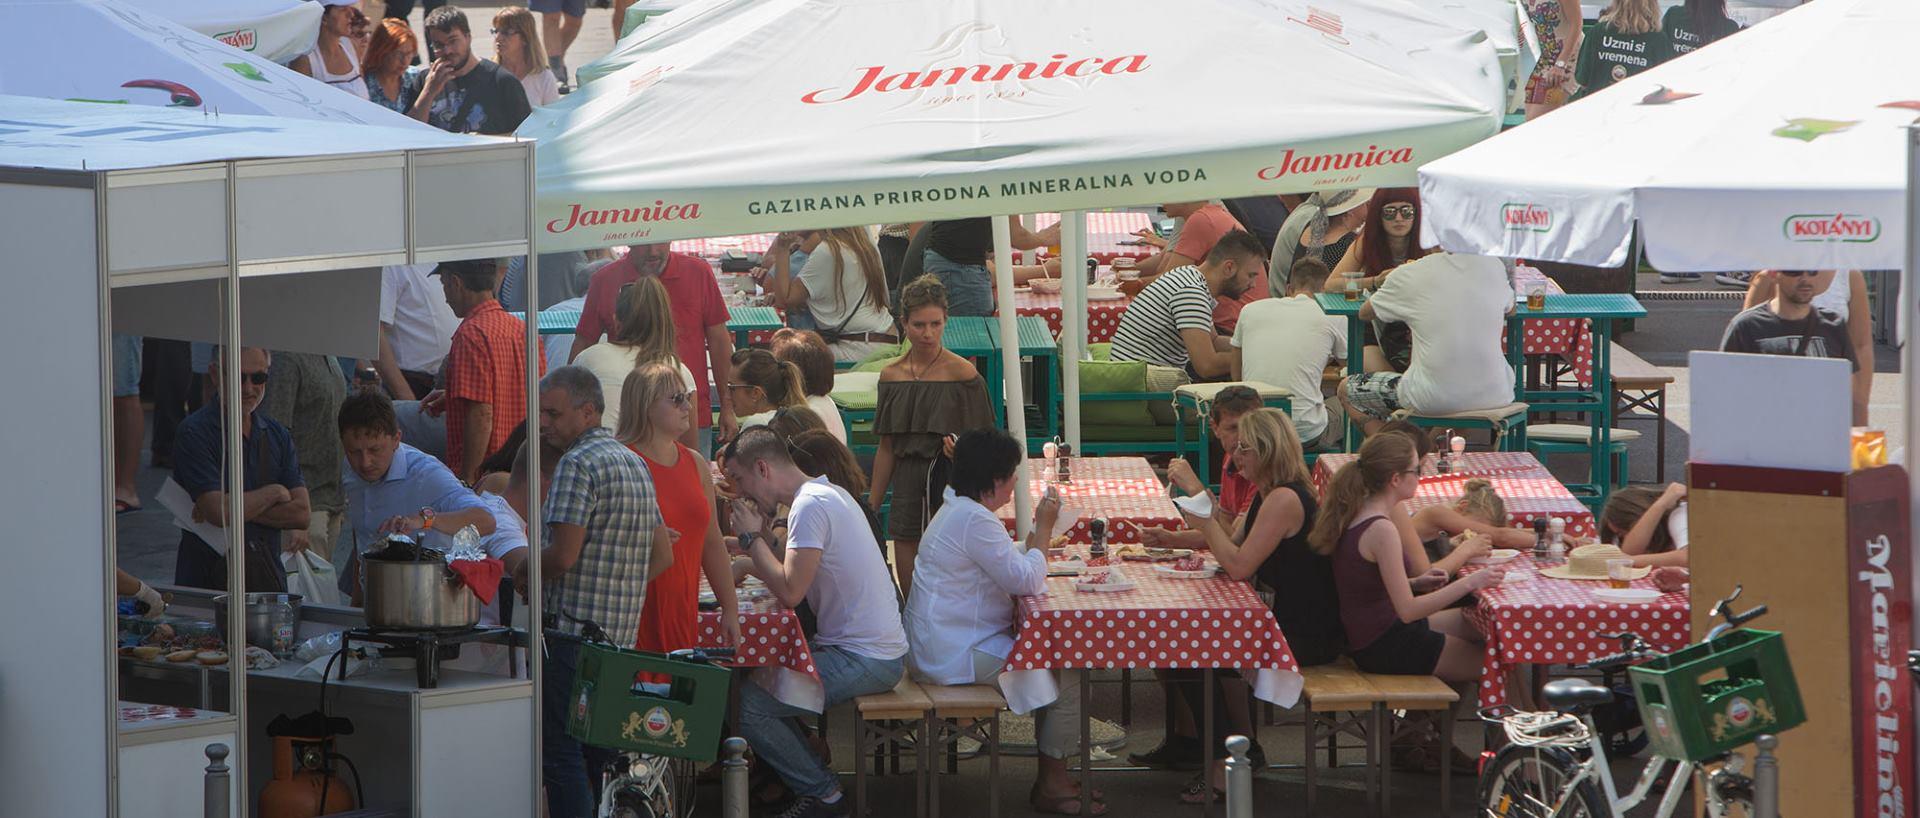 RIJEKA FOOD FESTIVAL Tijekom dva dana trajanja festival je posjetilo više od 3500 posjetitelja